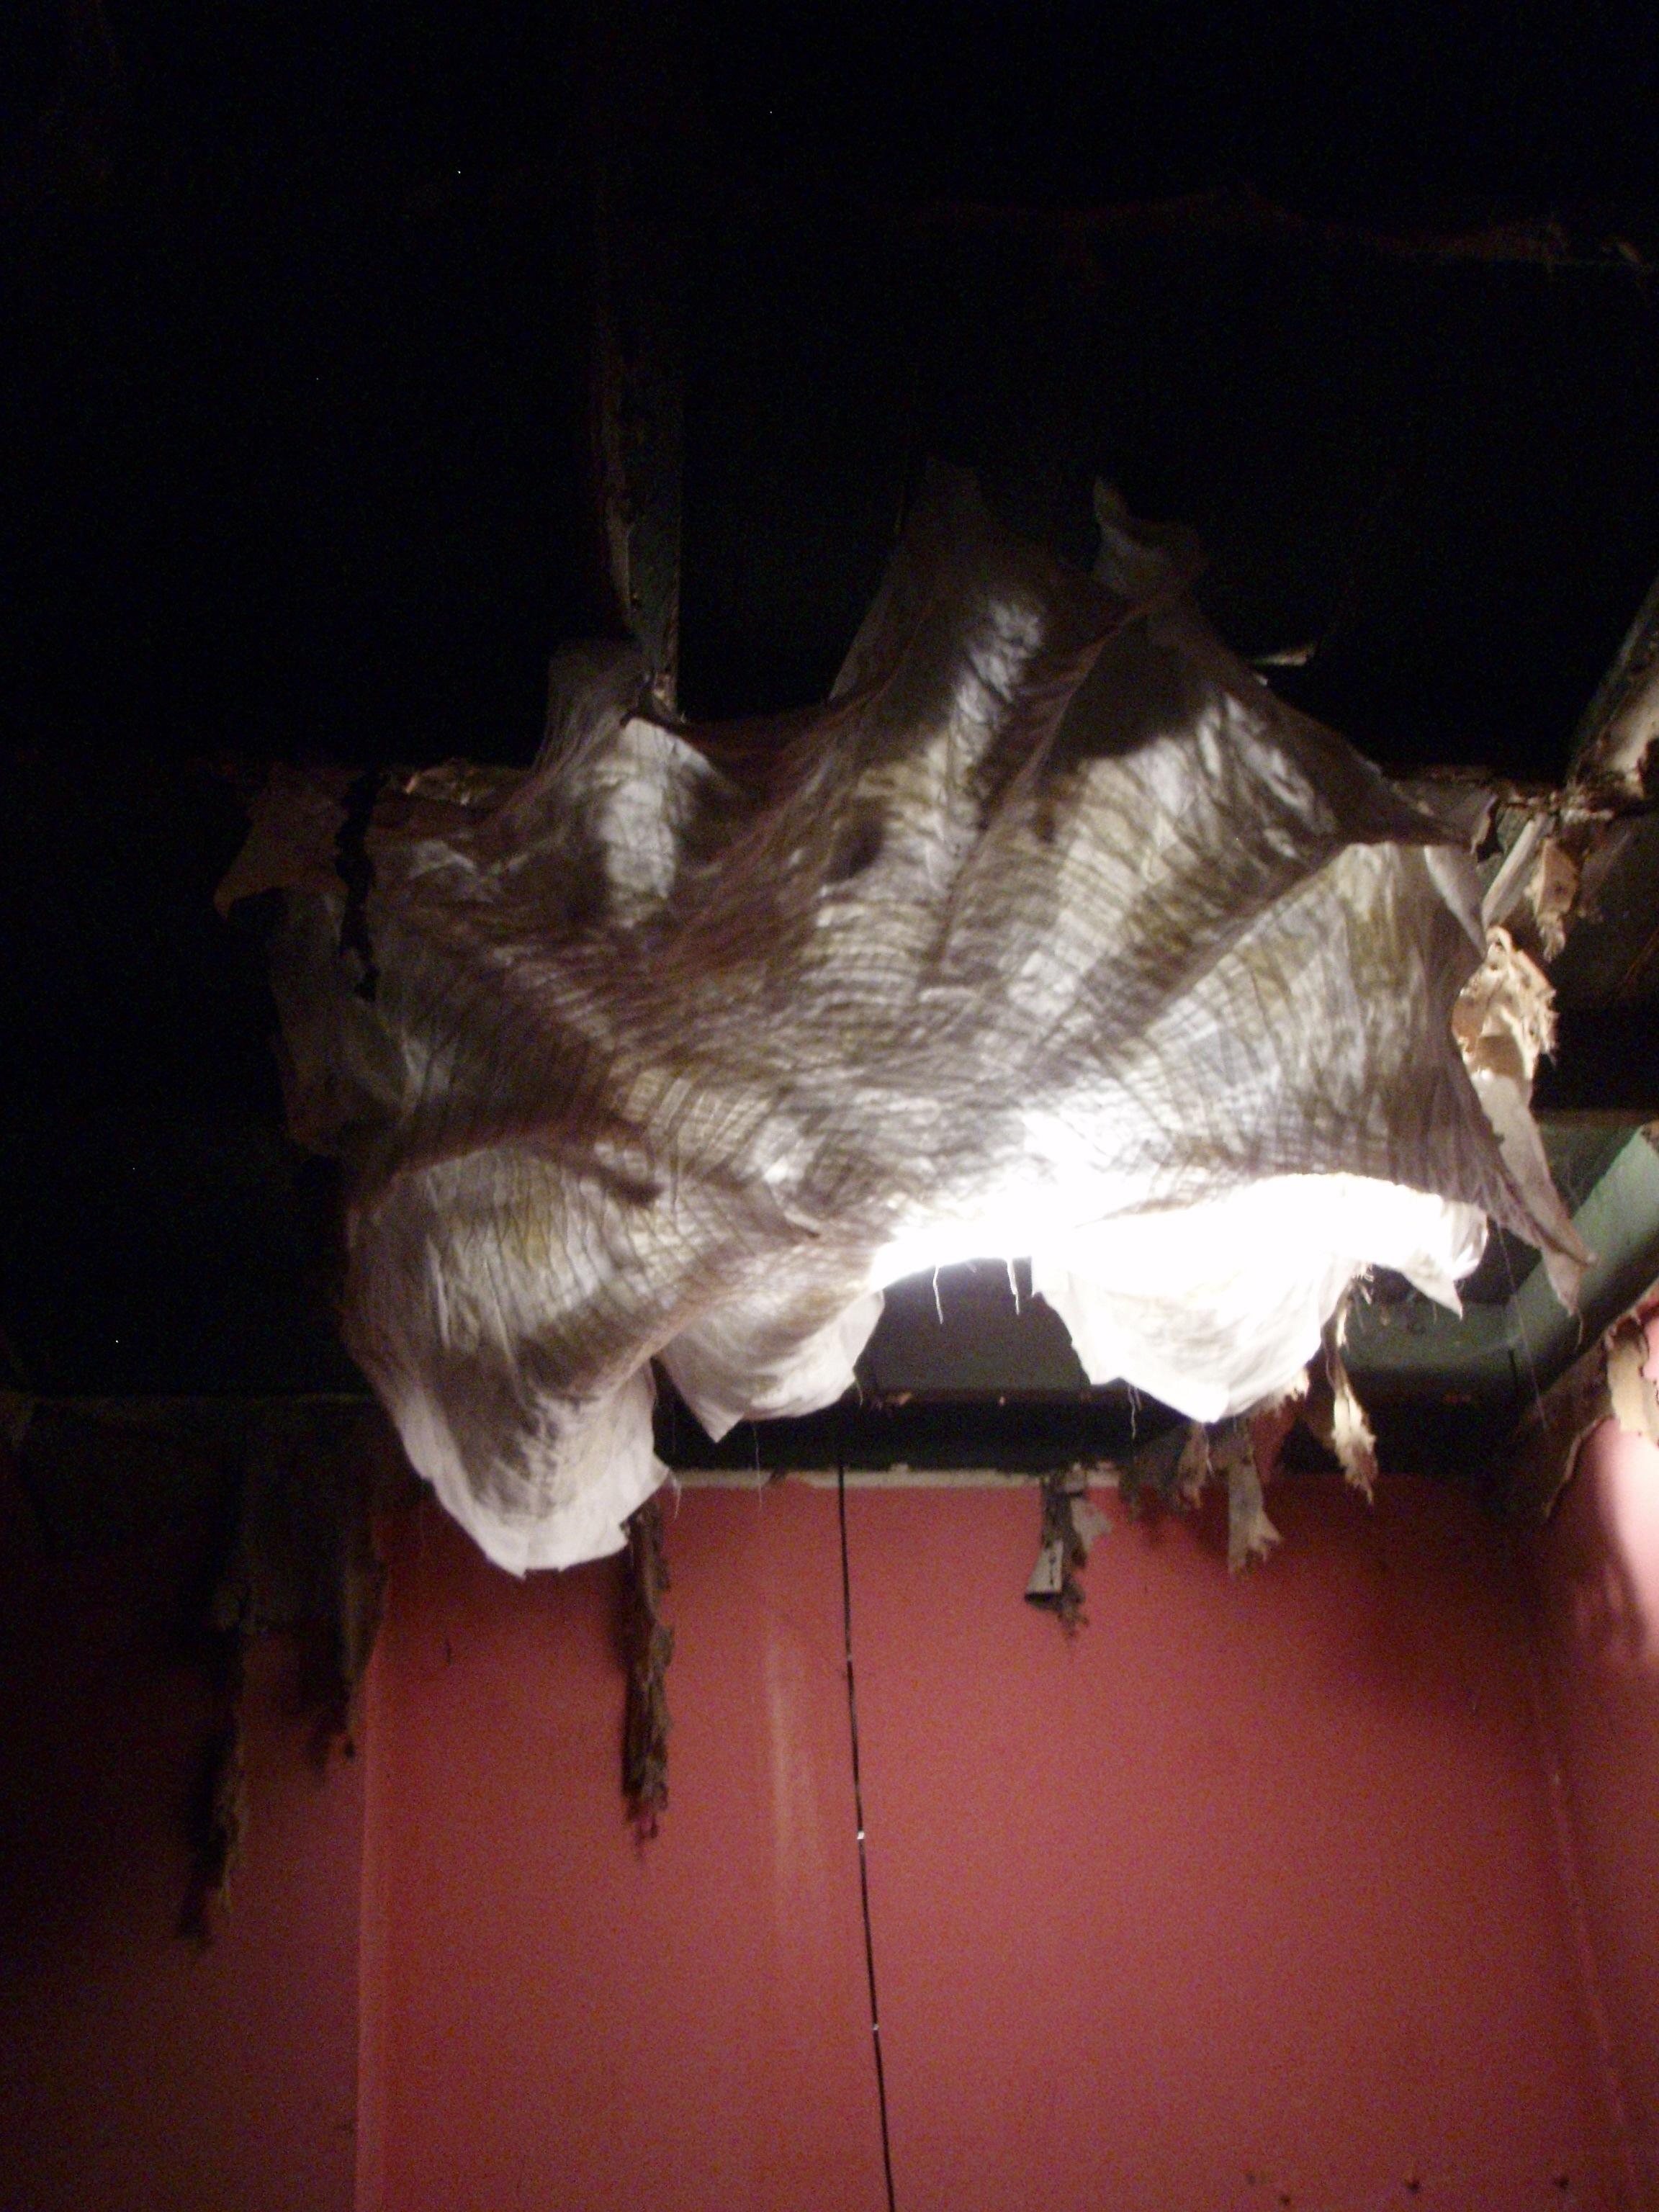 ceiling bandage